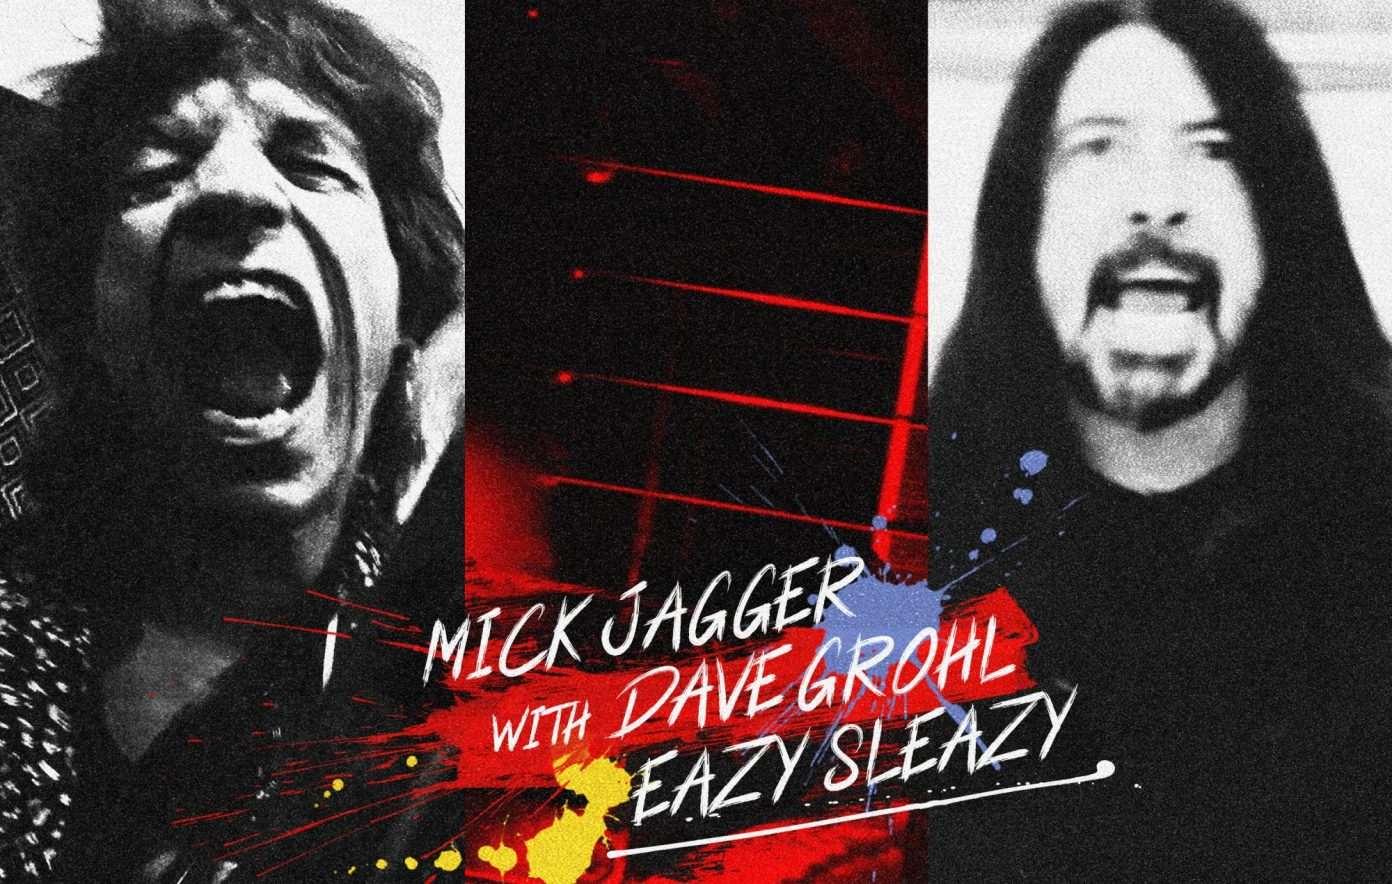 Mick Jagger y Dave Grohl lanzan por sorpresa el single conjunto «Eazy Sleazy»